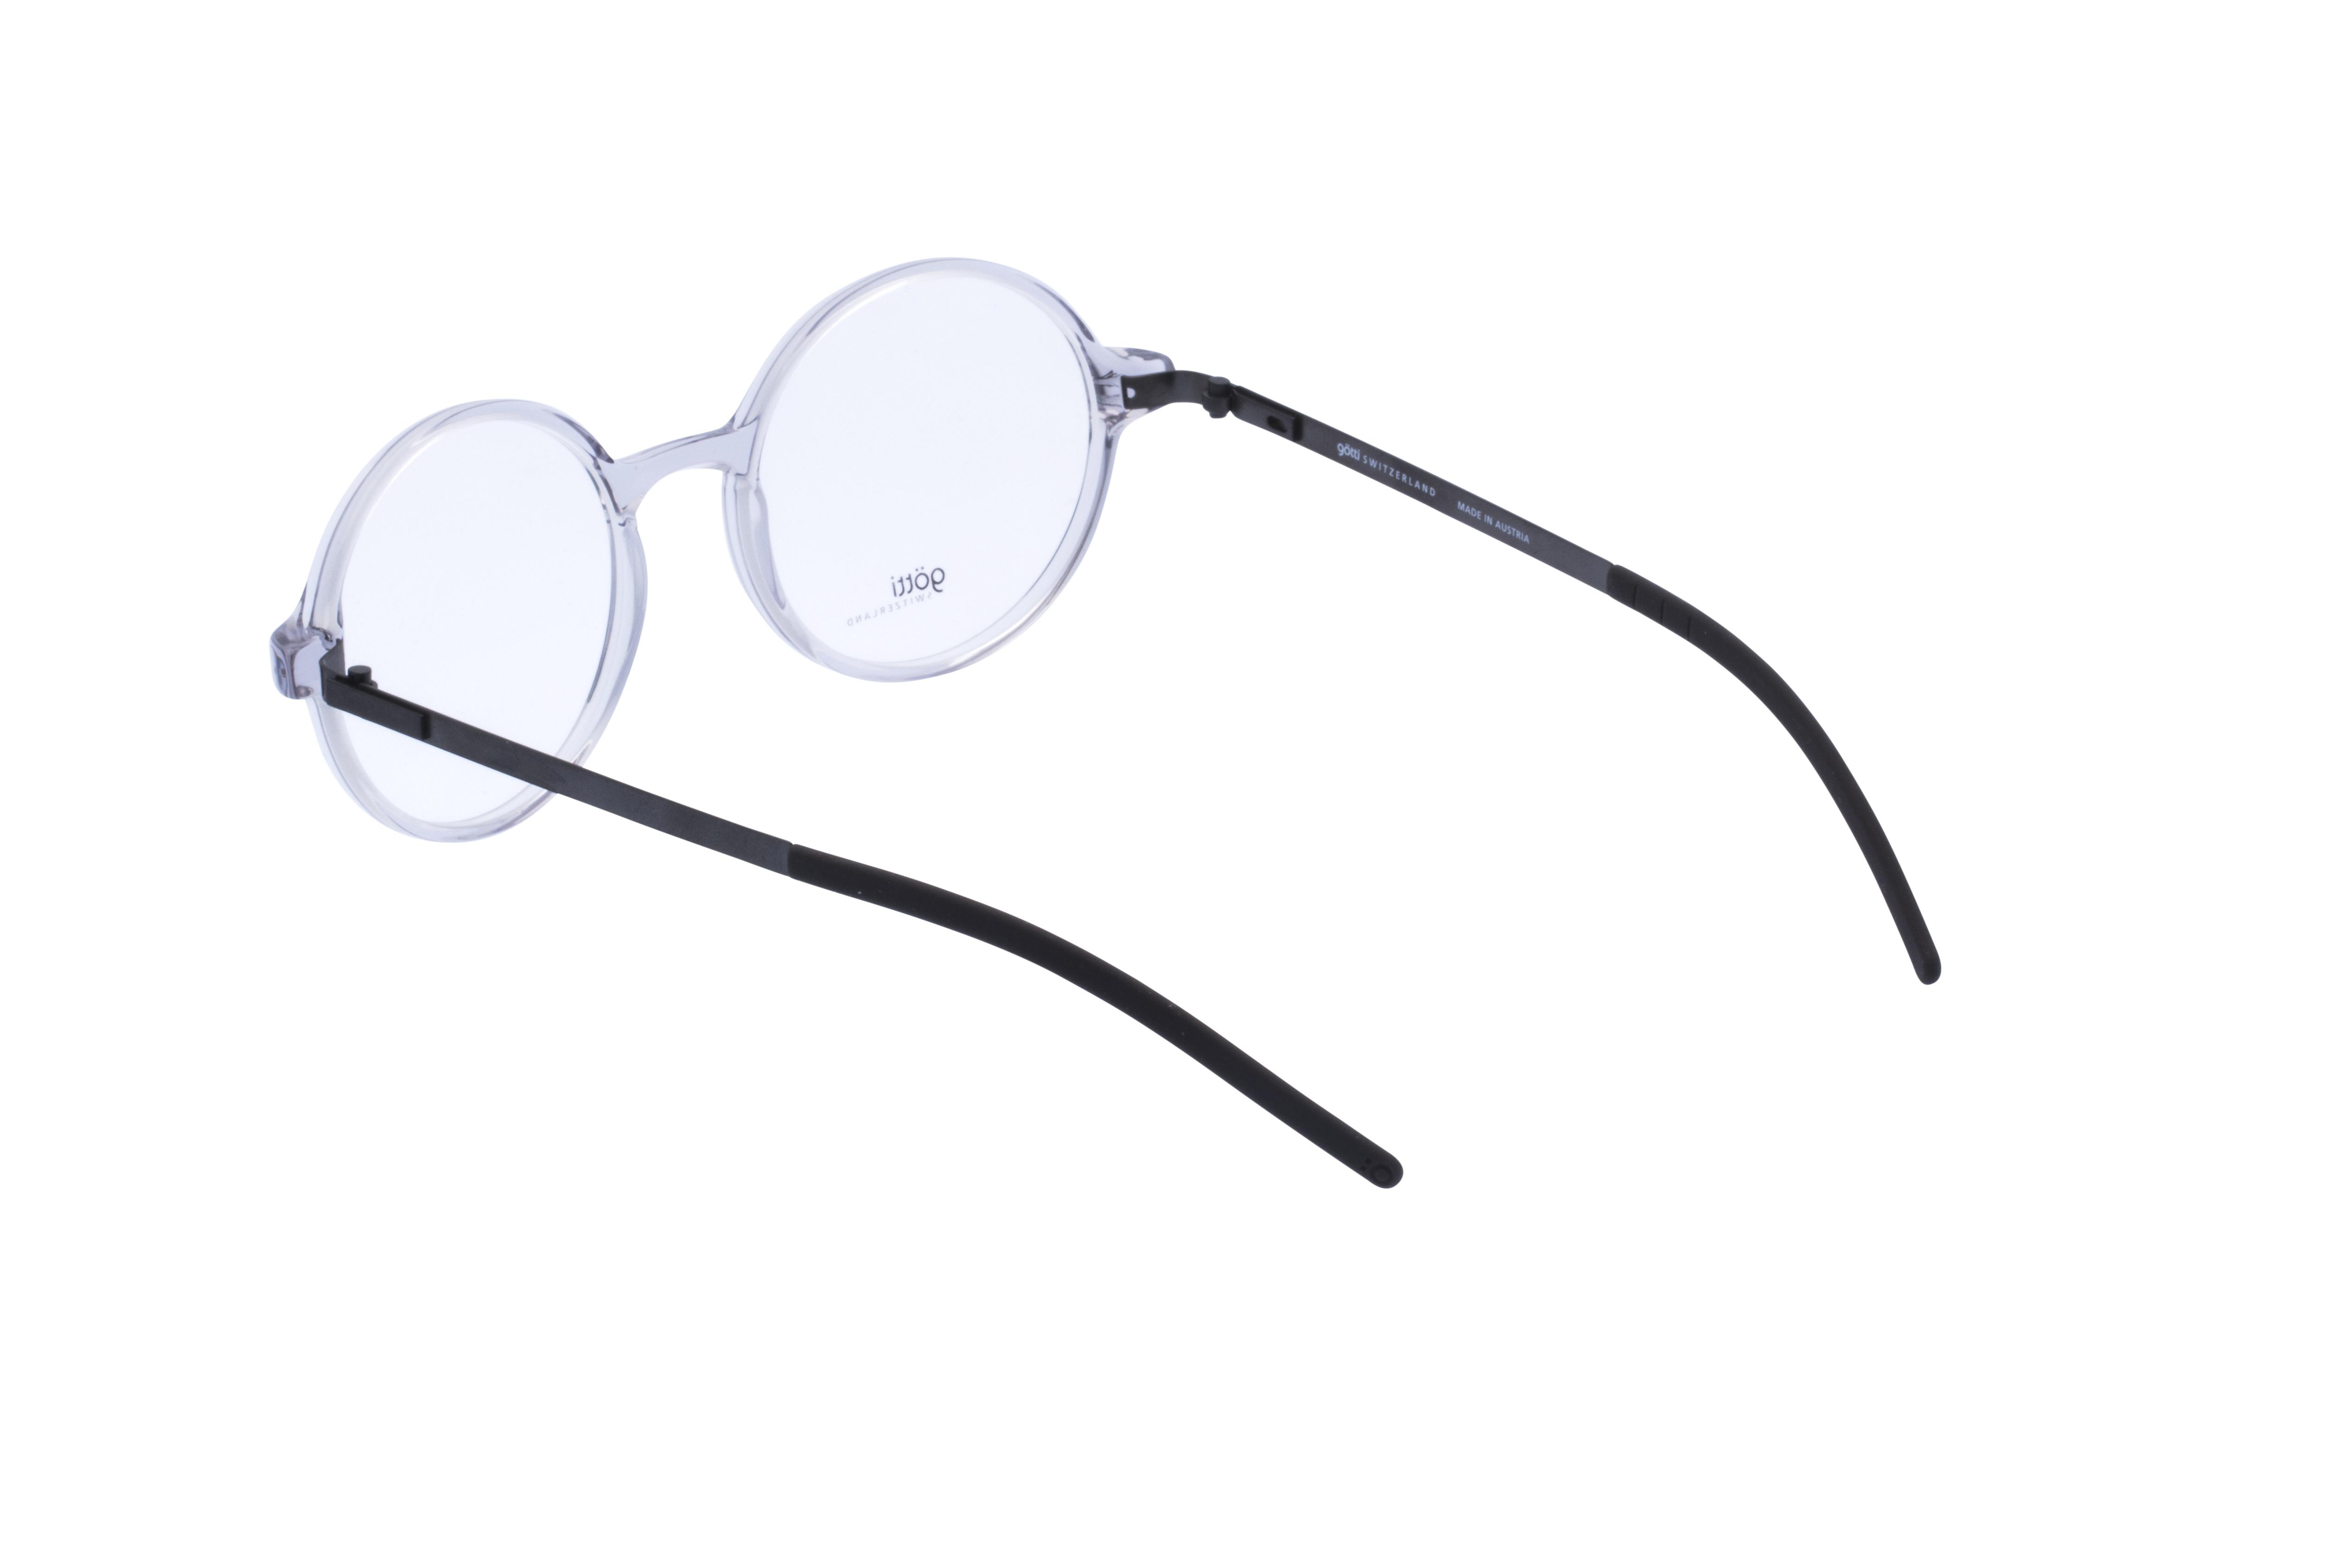 360 Grad Ansicht 15 Götti Sedrin, Brille auf Weiß - Fassung bei KUNK